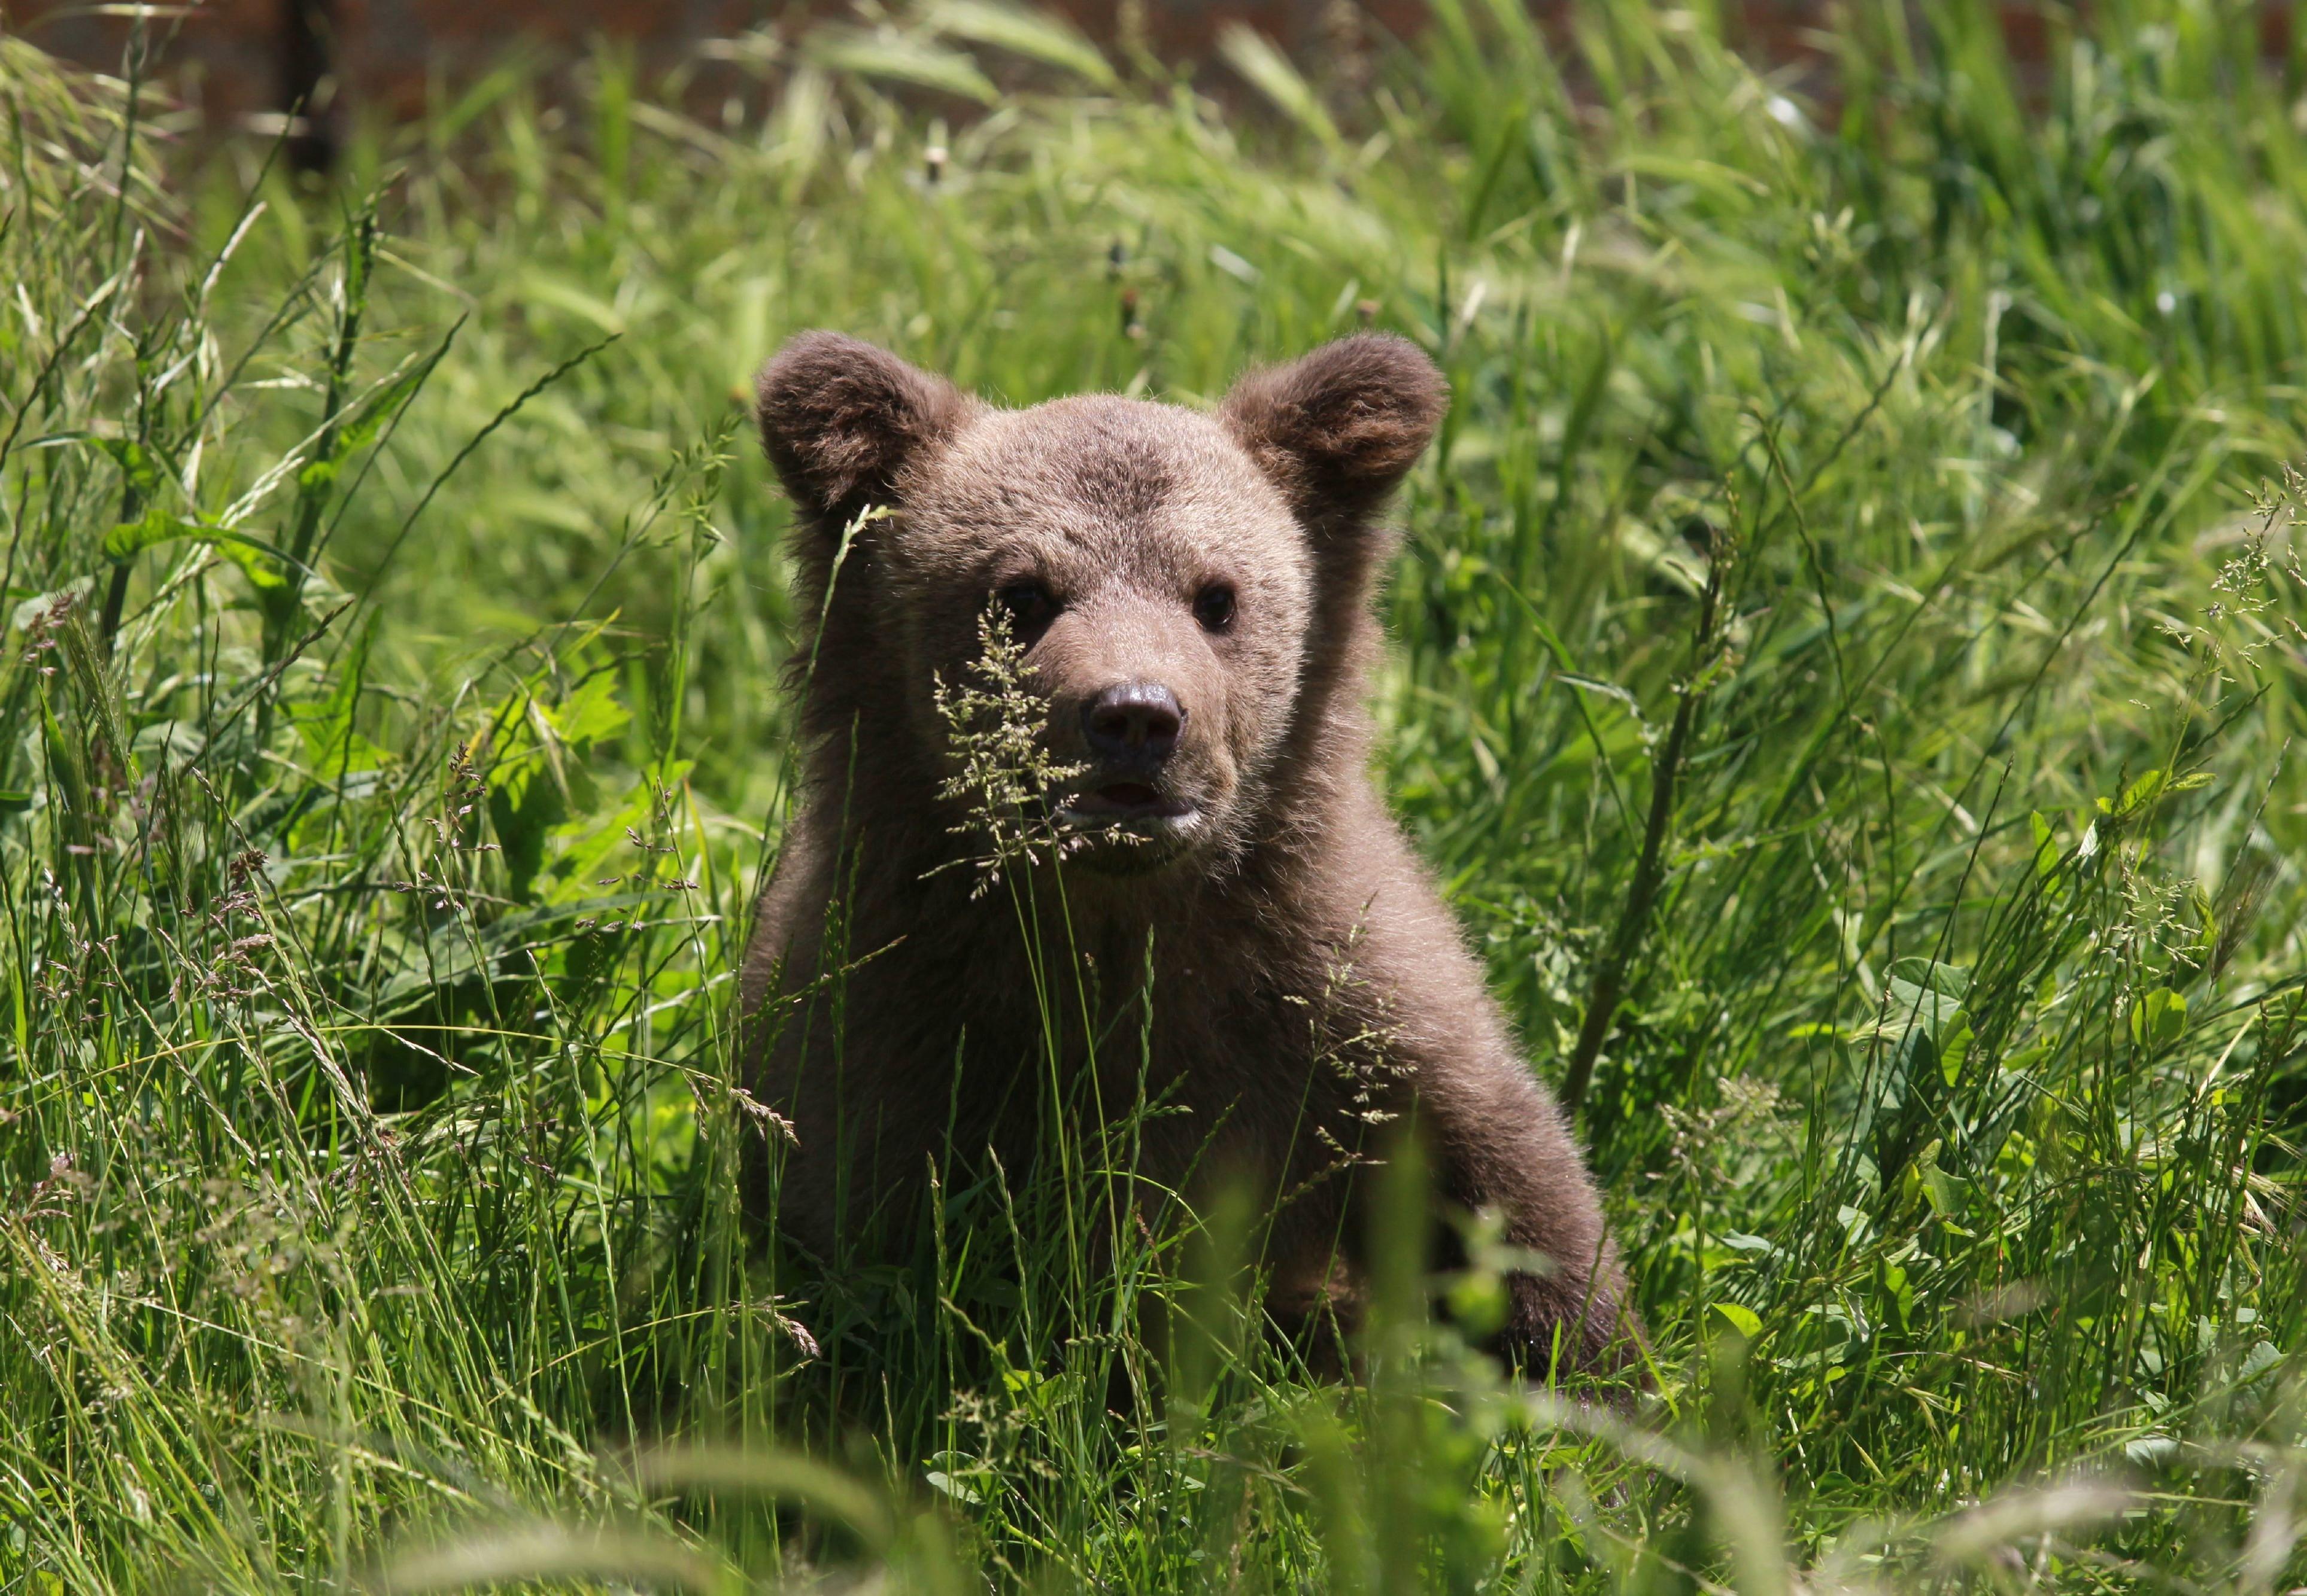 Bear Andri in Prishtina